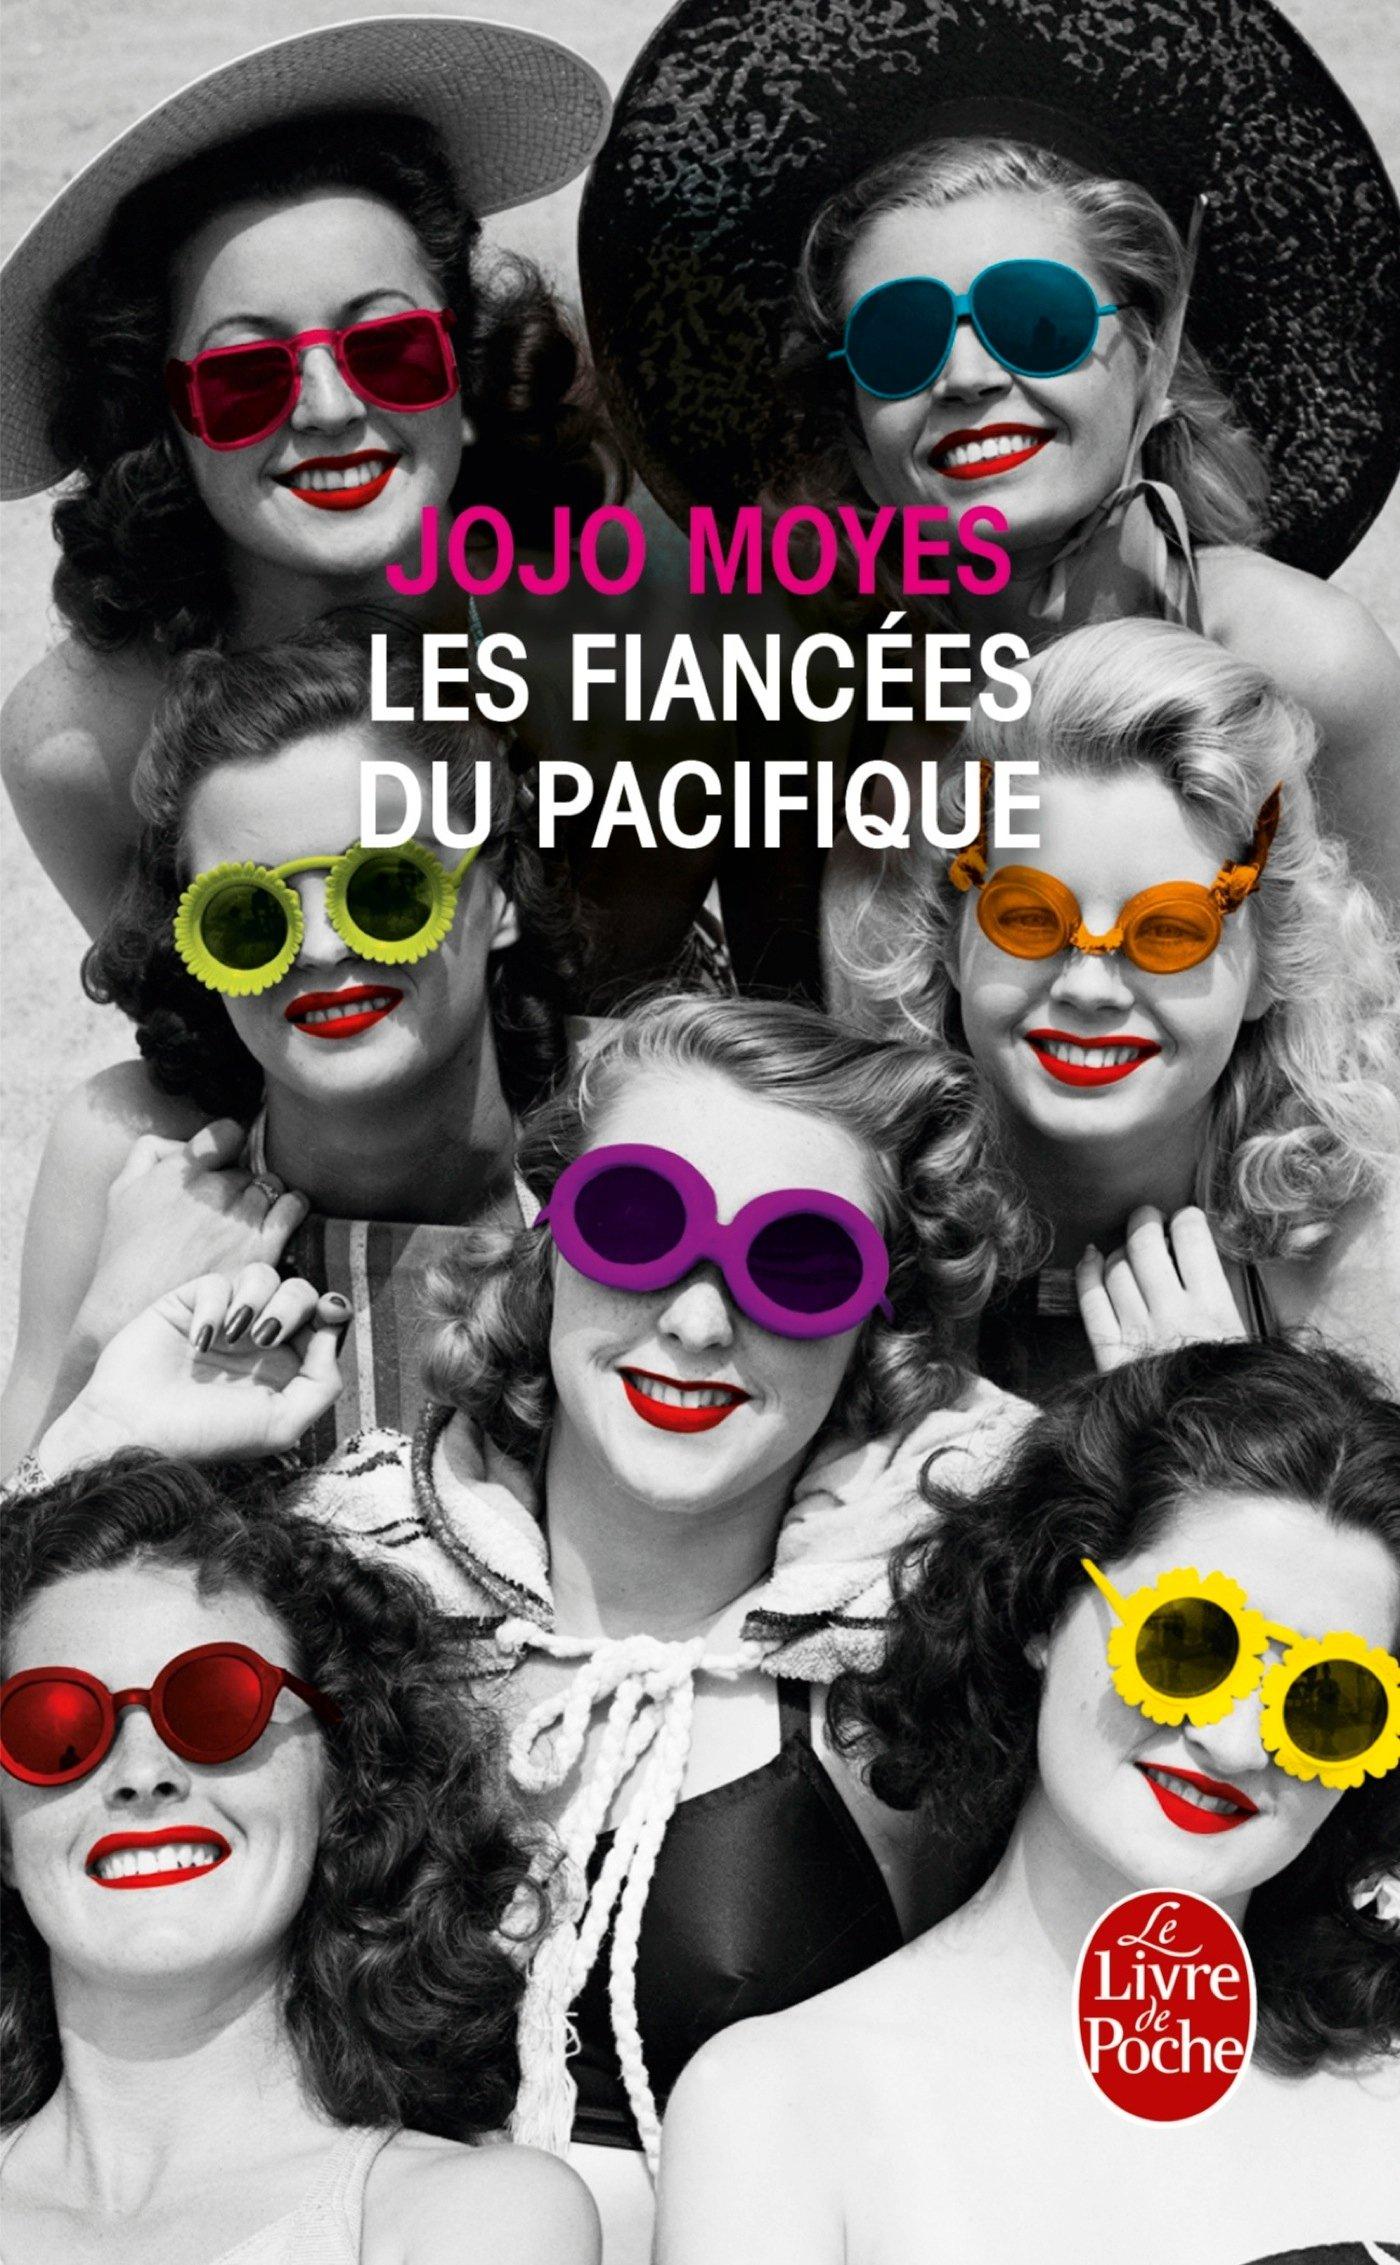 Les Fiancées du Pacifique Poche – 5 mai 2010 Jojo Moyes Le Livre de Poche 2253126748 Romans humoristiques